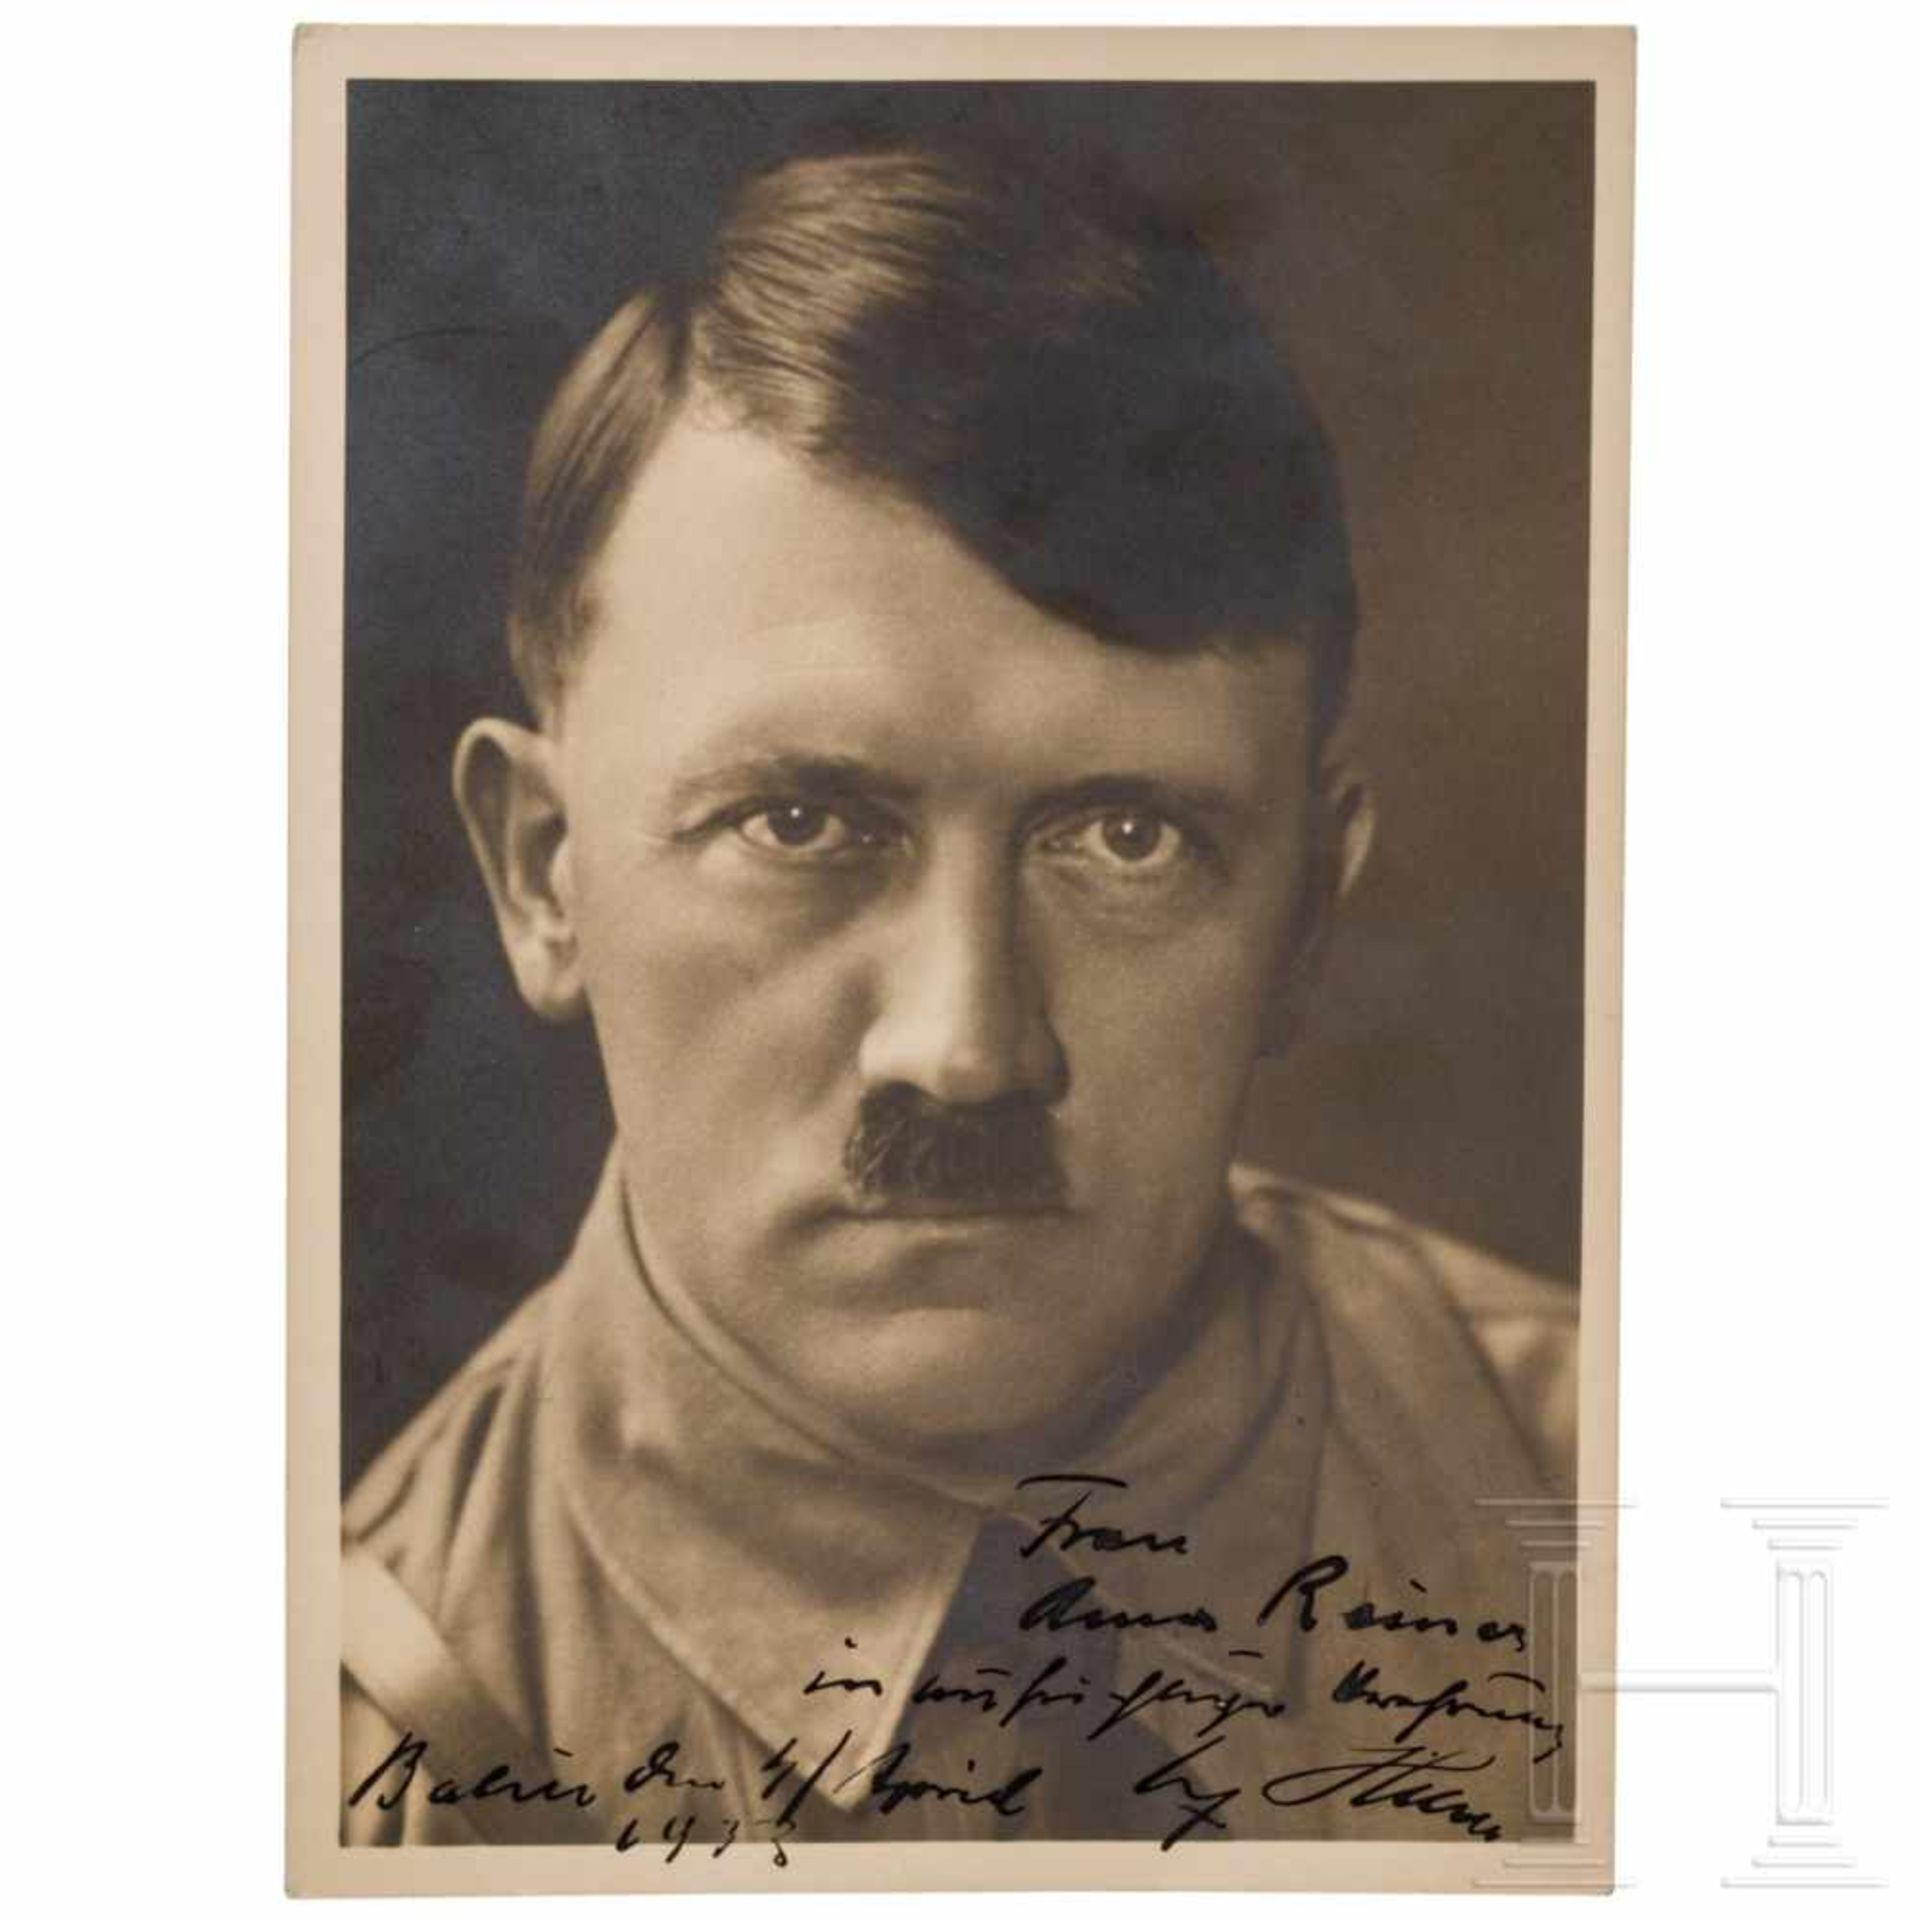 Los 6053 - Anna Reiner - a signed dedication photo of Hitler 1933Großformatiges Hoffmann-Portraitfoto in